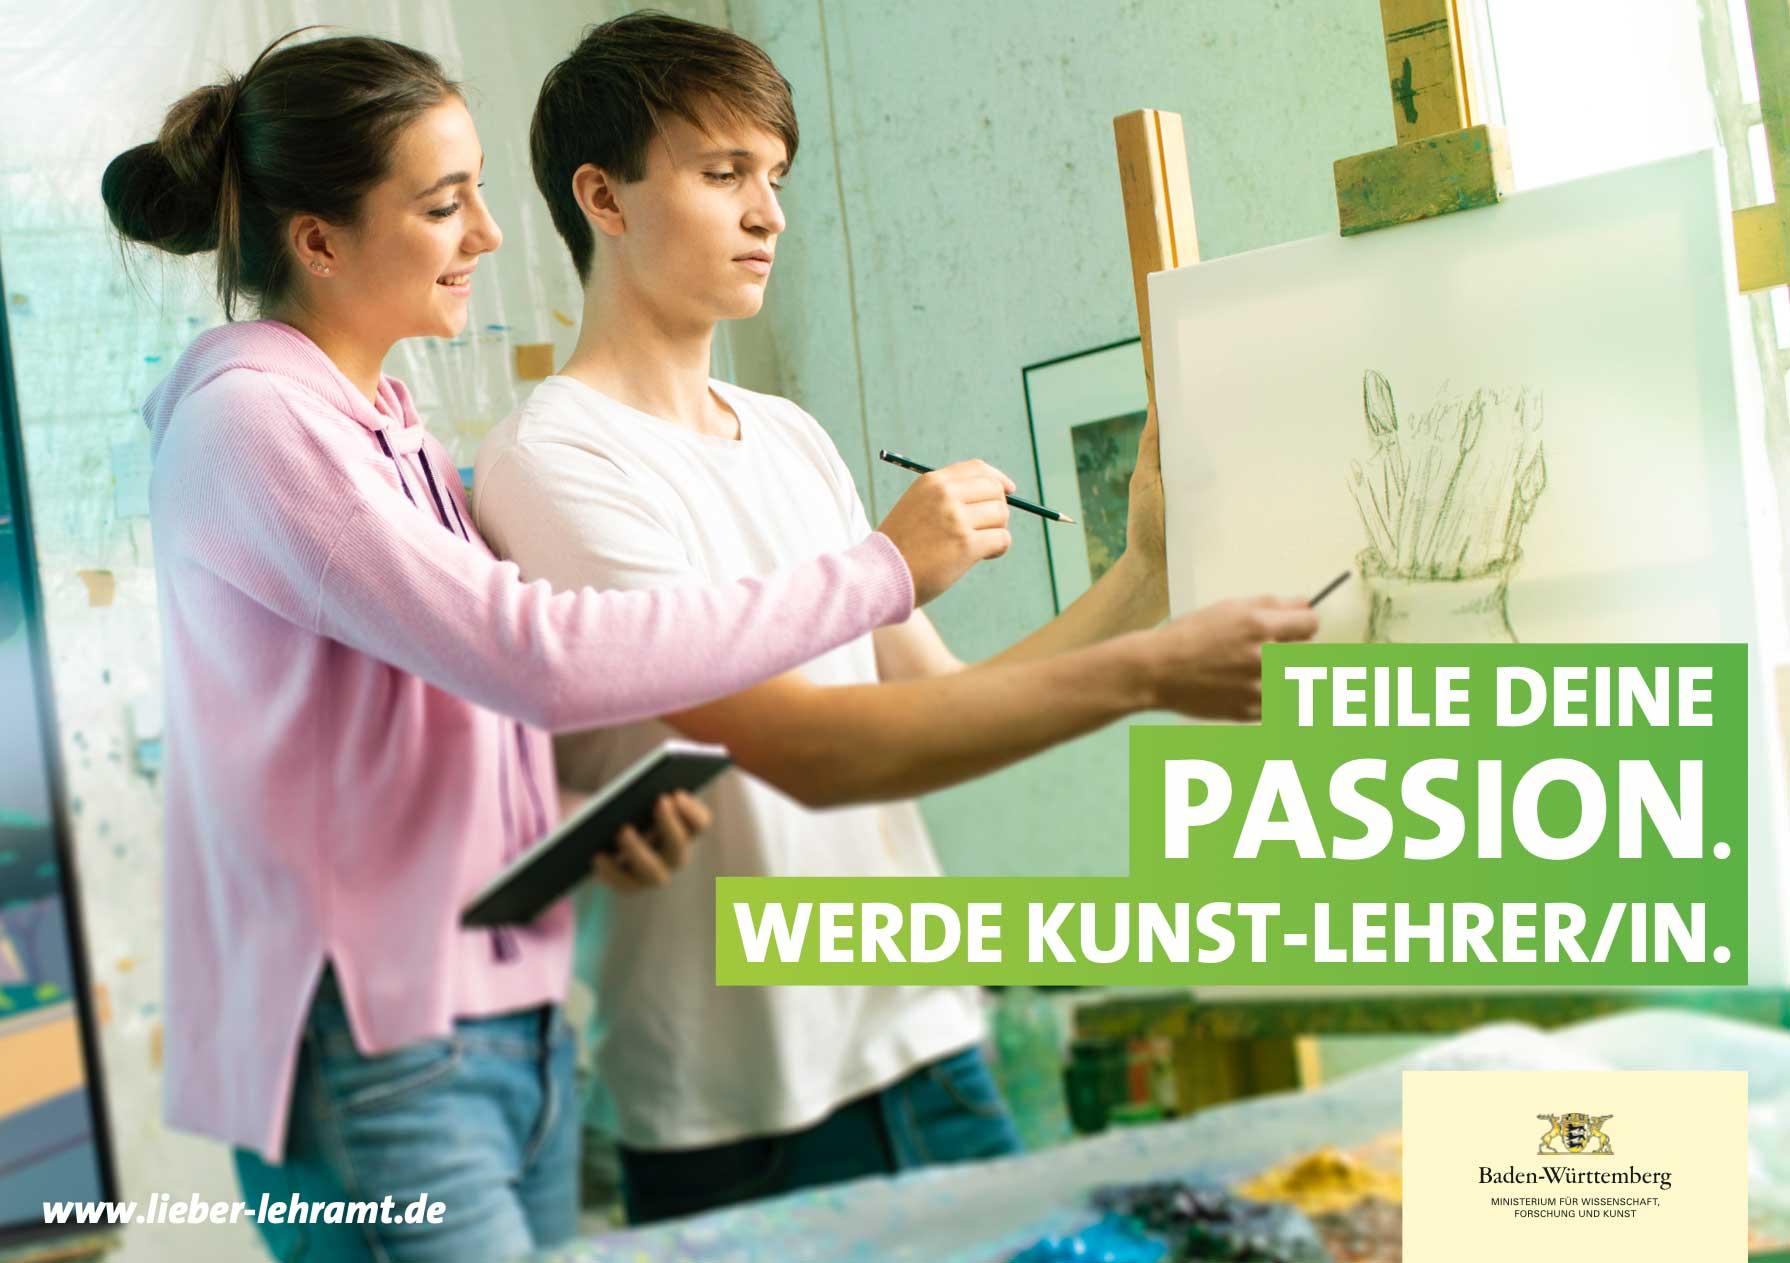 Teile Deine Passion. Werde Kunst-Lehrer/in. Zwei kunstbegeisterte Jugendliche arbeiten kreativ an einer Zeichnung.